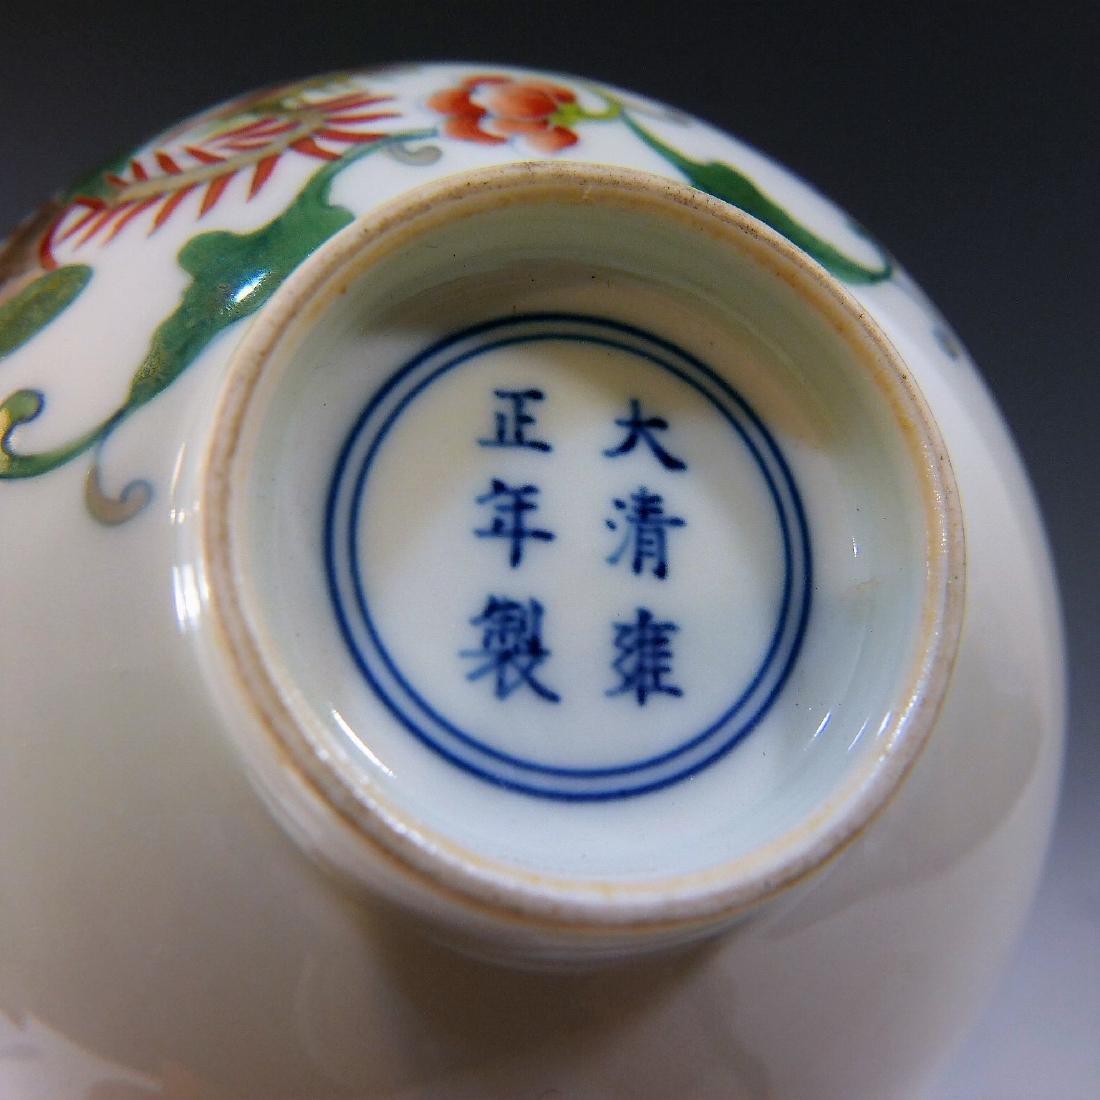 CHINESE ANTIQUE DOUCAI PORCELAIN BOWL - YONGZHENG MARK - 6